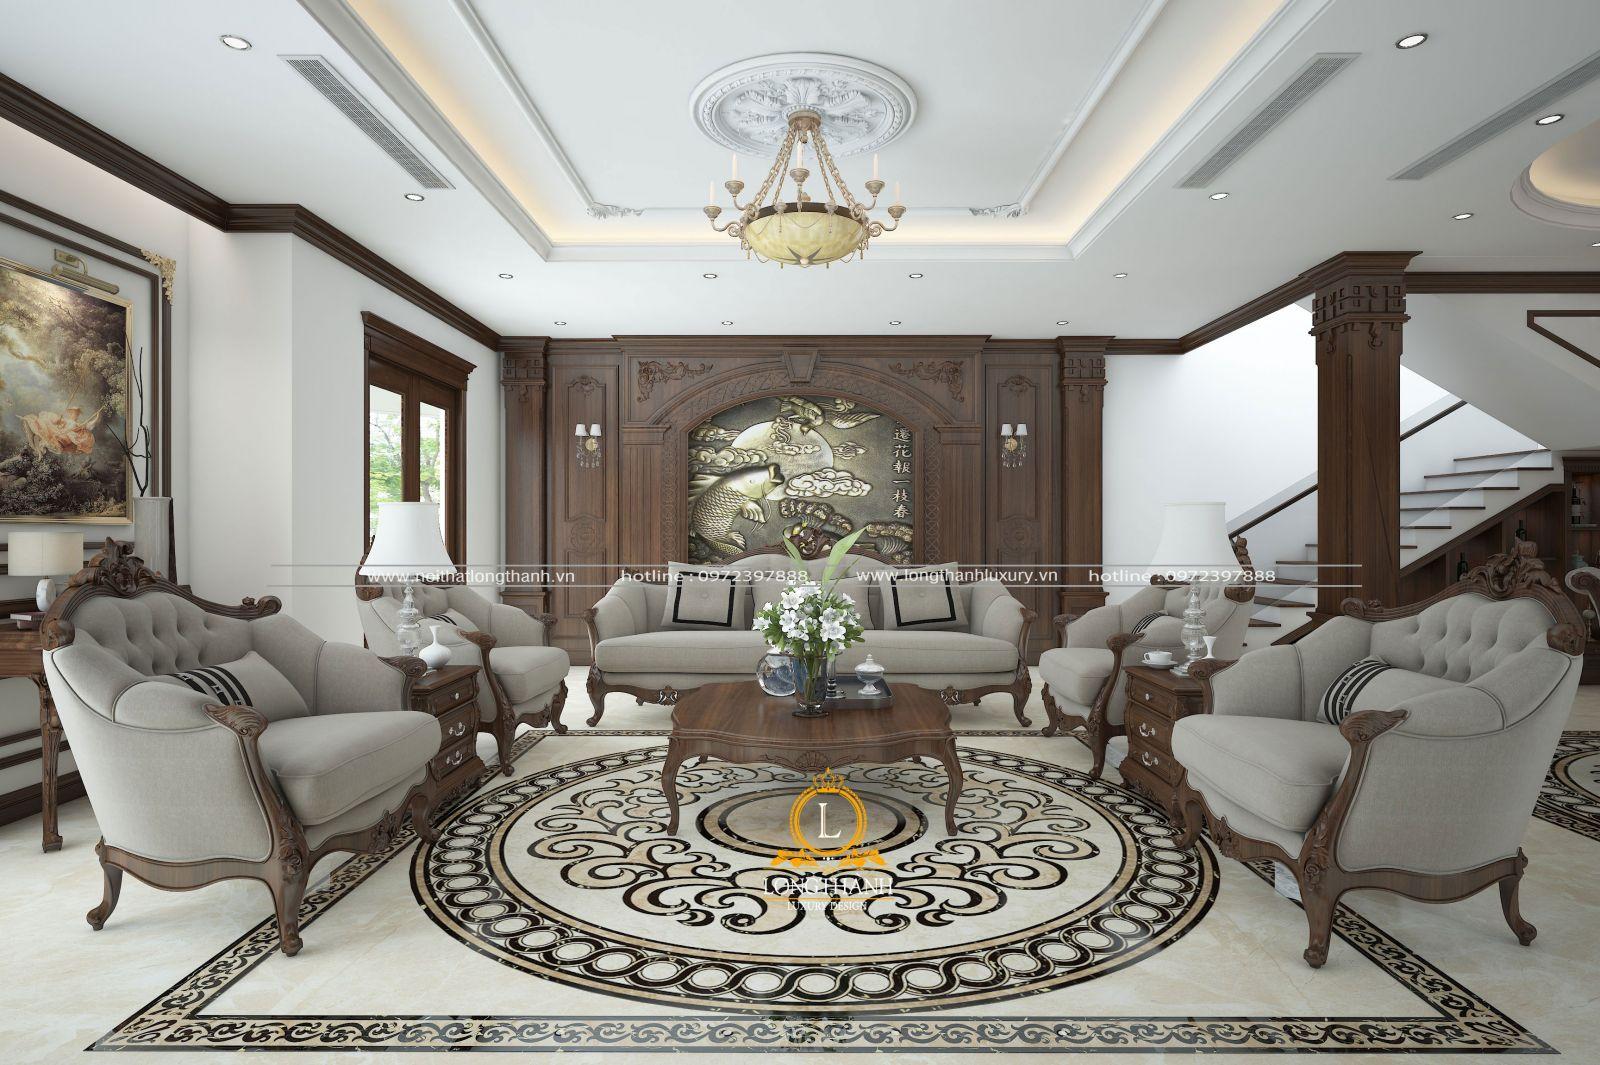 Bộ sofa nỉ với gam màu trầm nhẹ nhàng và tinh tế